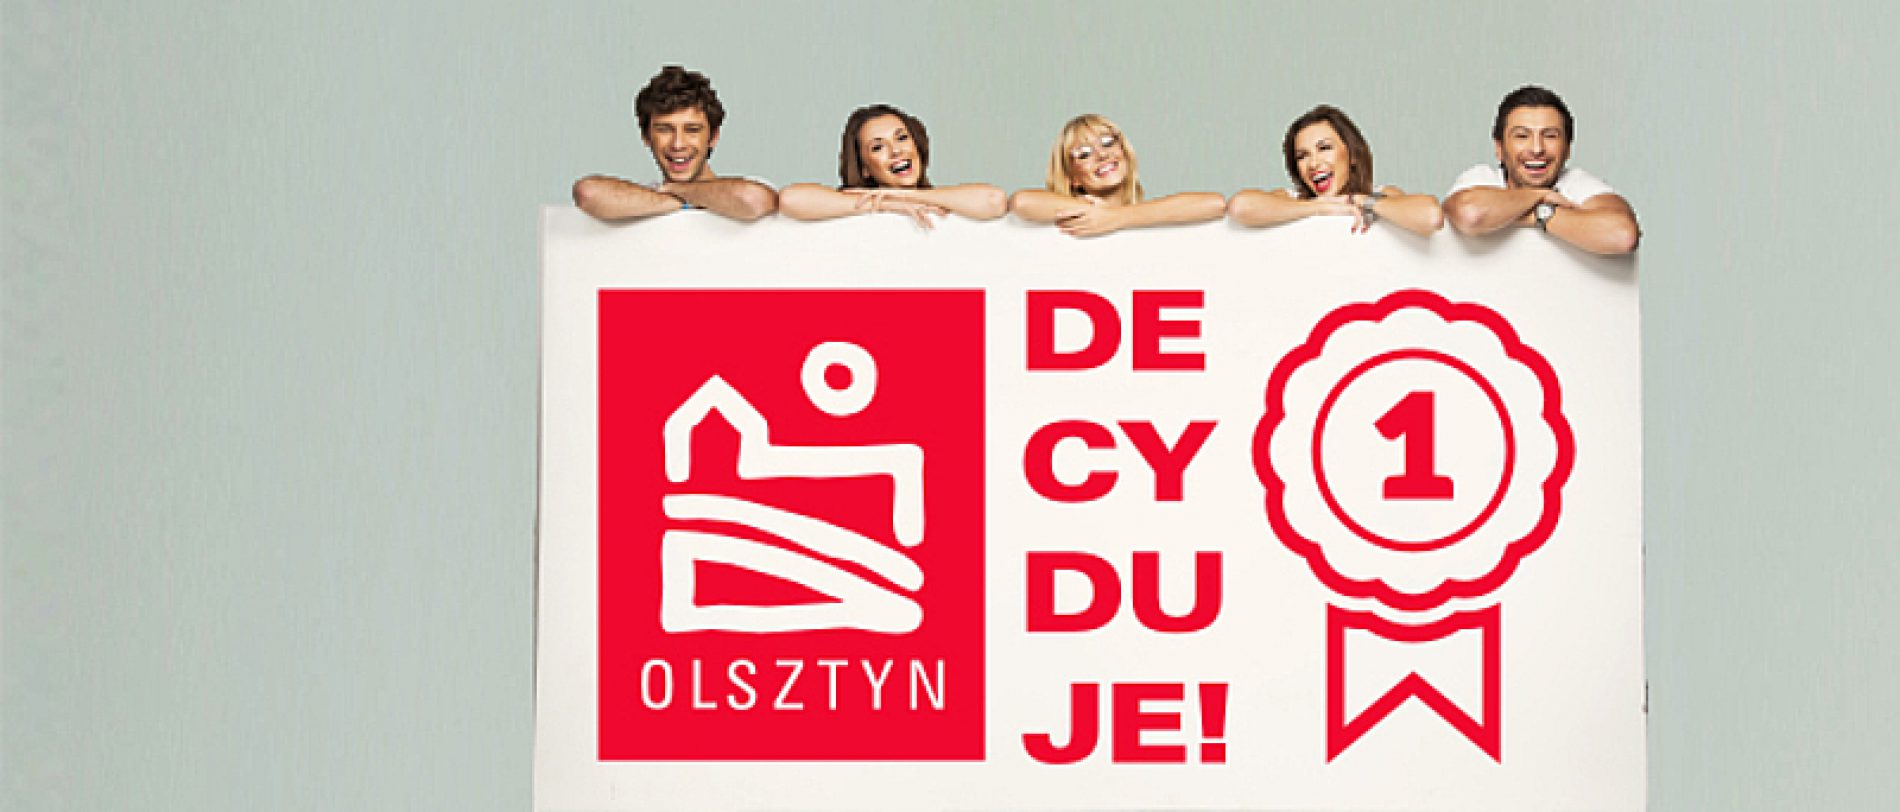 Ponad 180 wniosków do olsztyńskiego  budżetu obywatelskiego